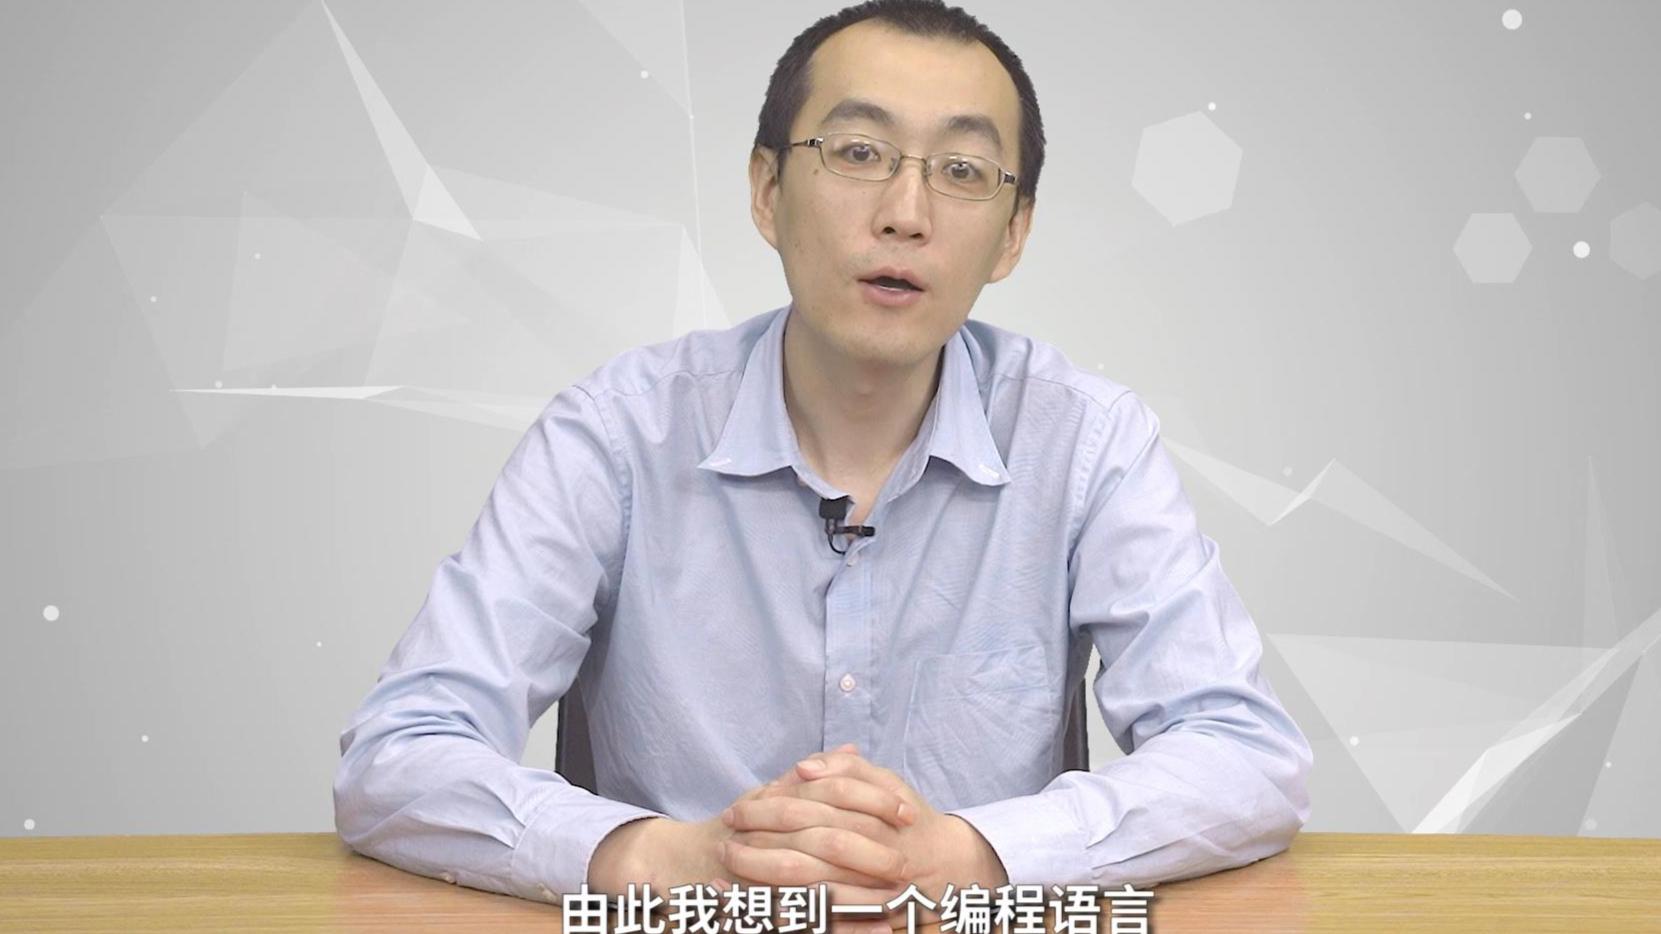 中文互联网经典谣言解析:Python创始人到谷歌面试